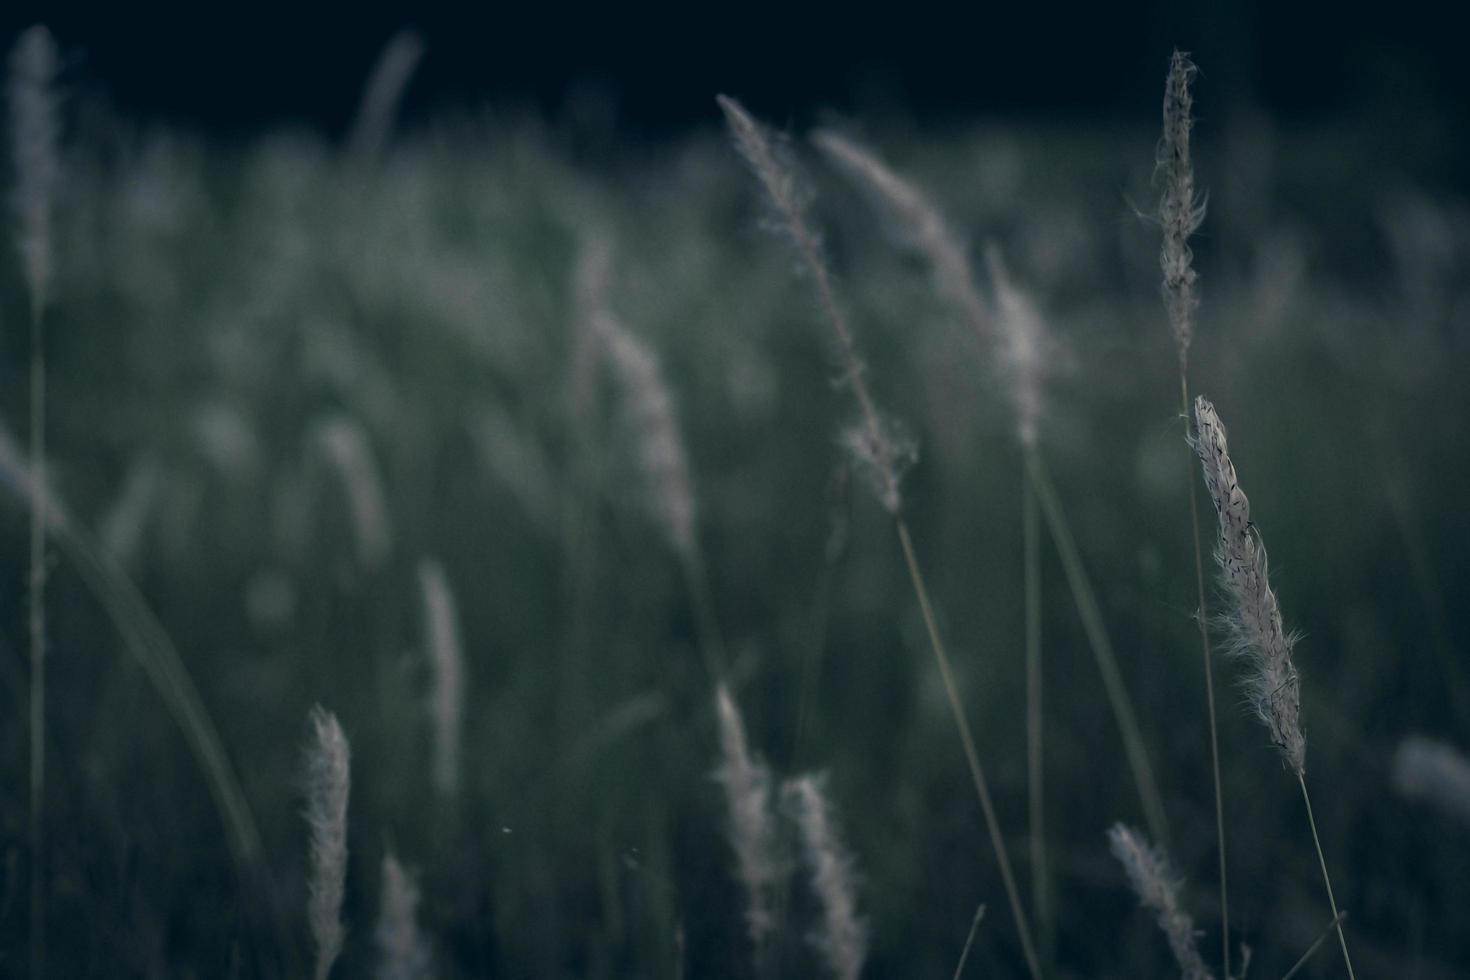 pastos silvestres en un campo foto